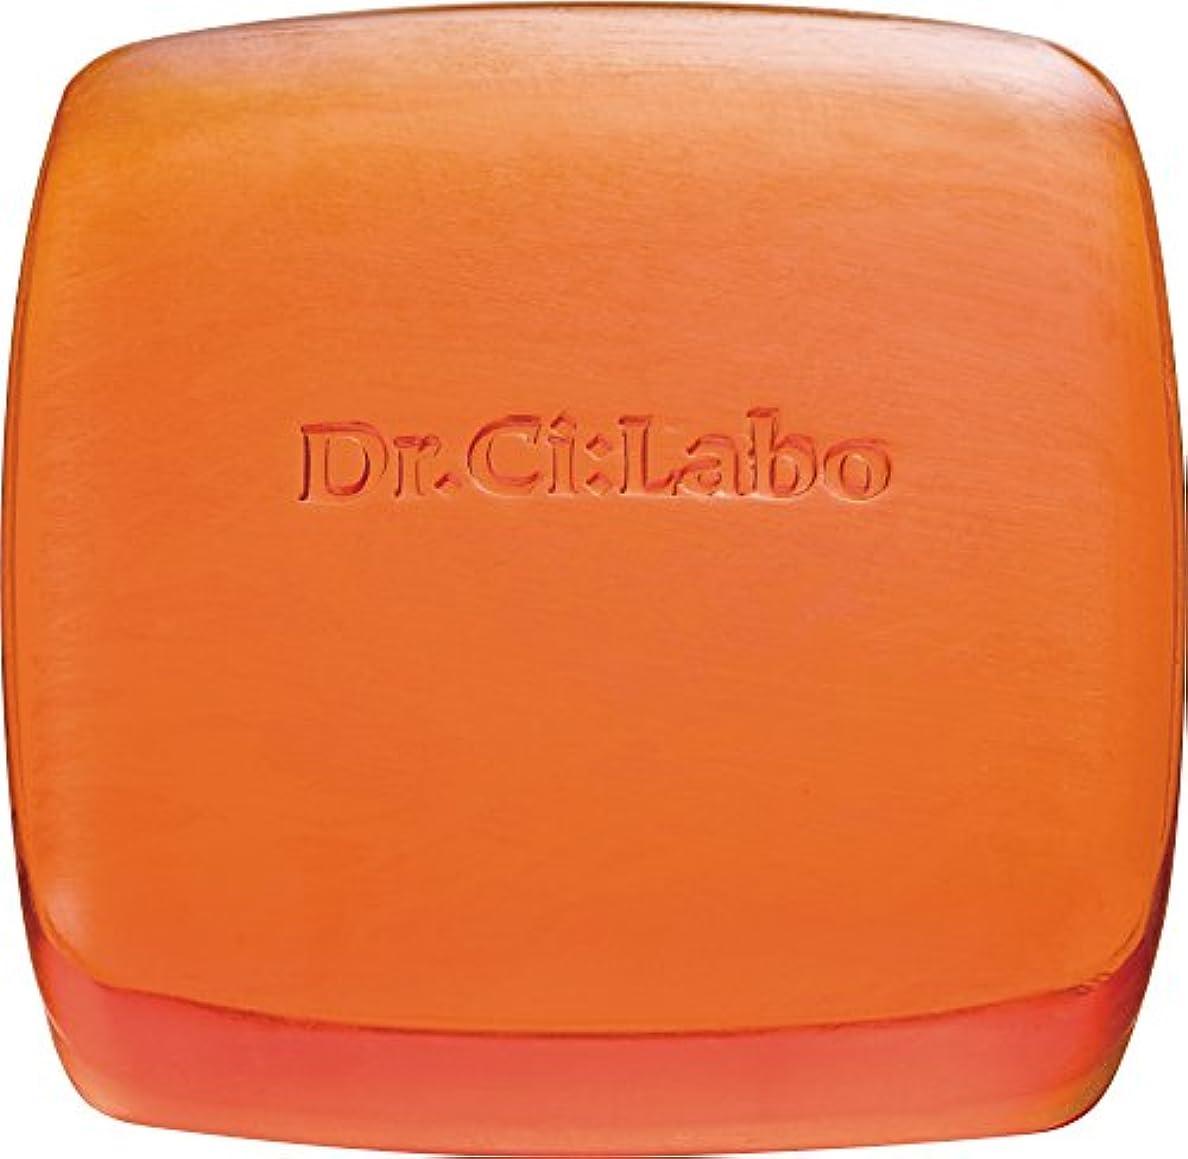 拒絶カールディスクドクターシーラボ VC100ピーリングソープ 100g 洗顔石鹸